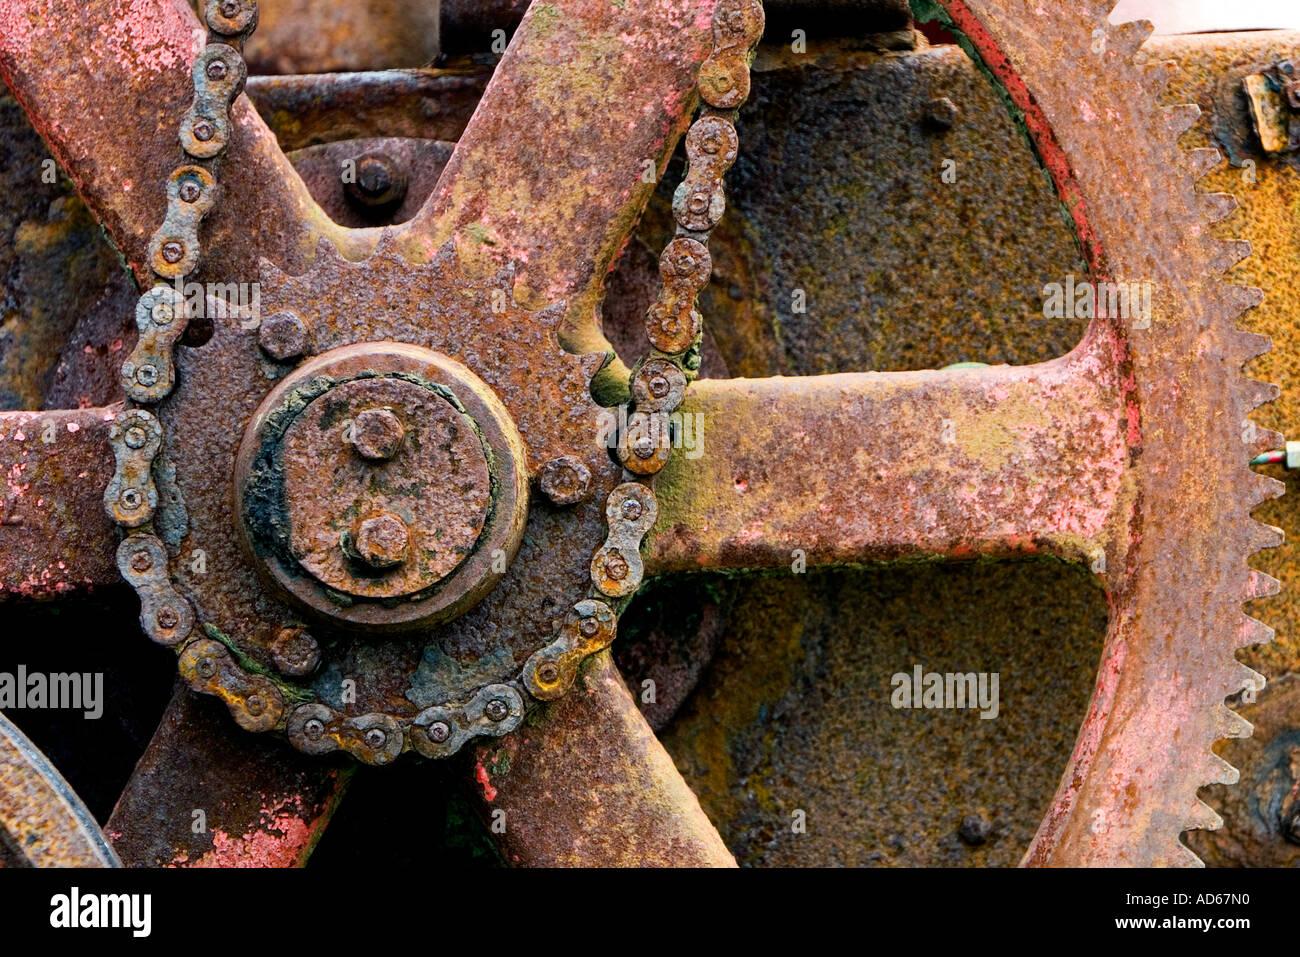 Vecchio corroso catena azionata per macchinari agricoli Immagini Stock